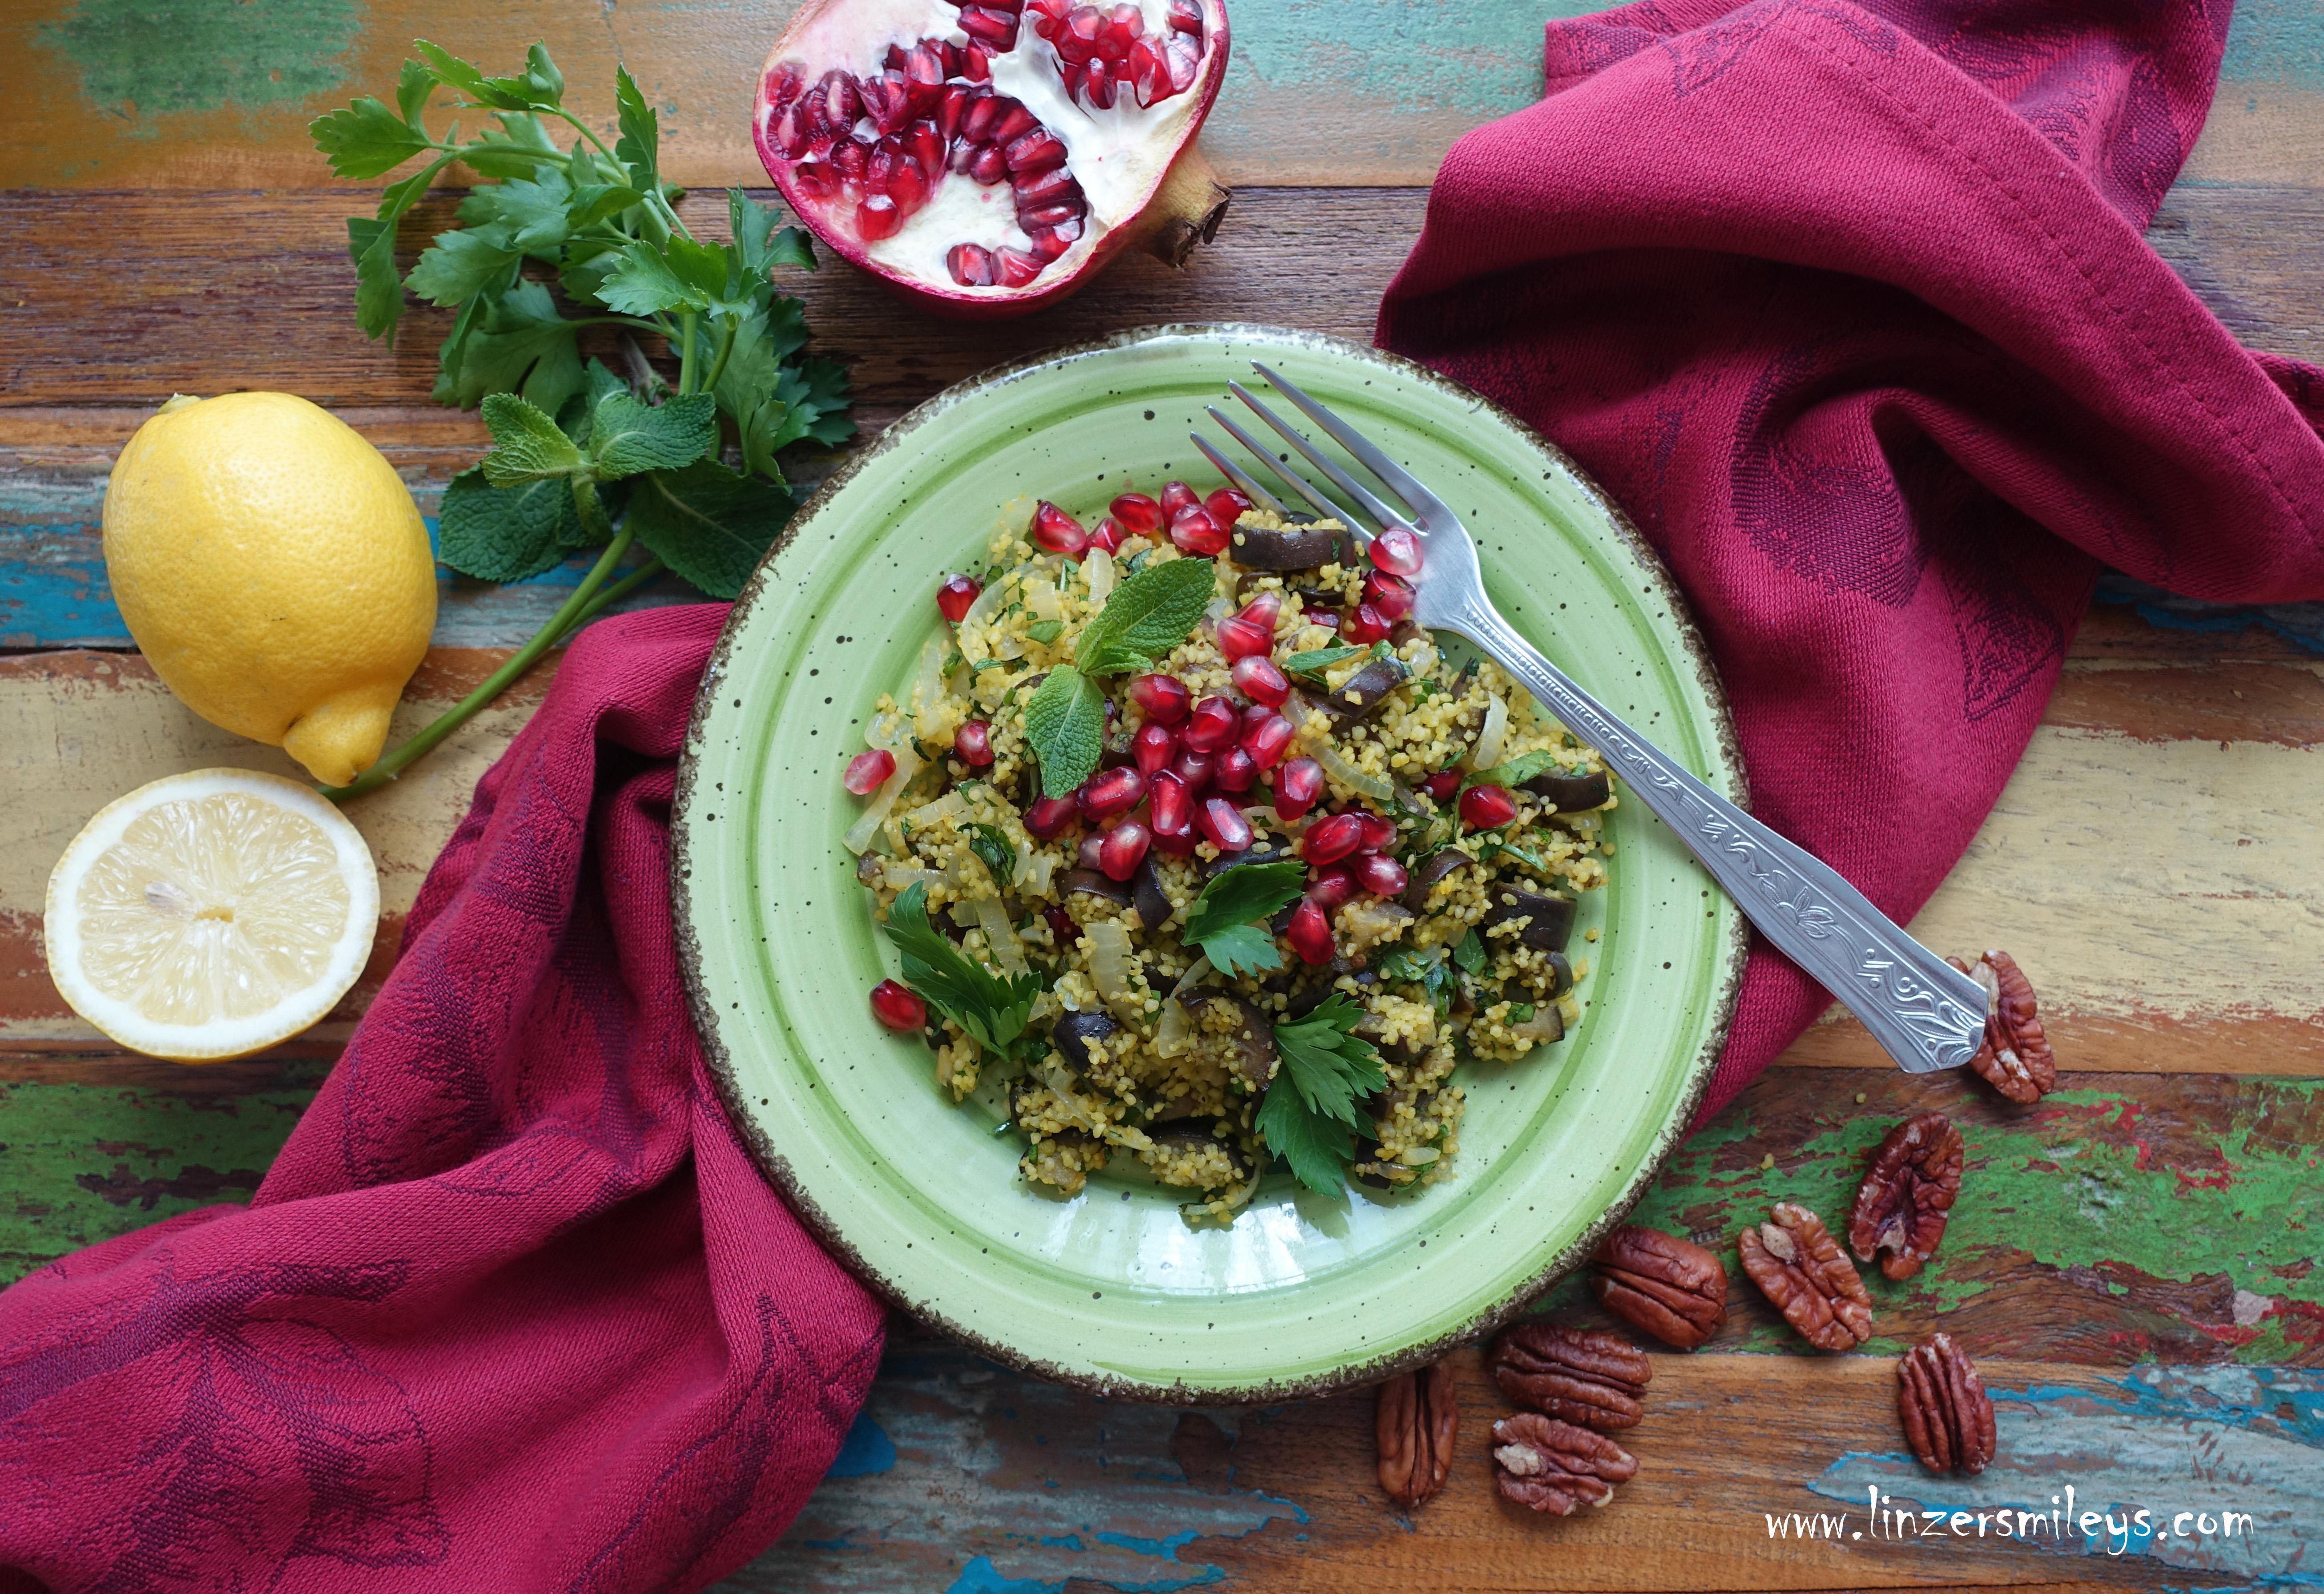 Couscous vegan, vegetarisch, mit Melanzani, Auberginen, orientalisch kochen, Salat/Salad to go, Homemade Takeaway, Essen im Bad, selbst gemacht, erfrischend, einfach, leicht, Sommerkost